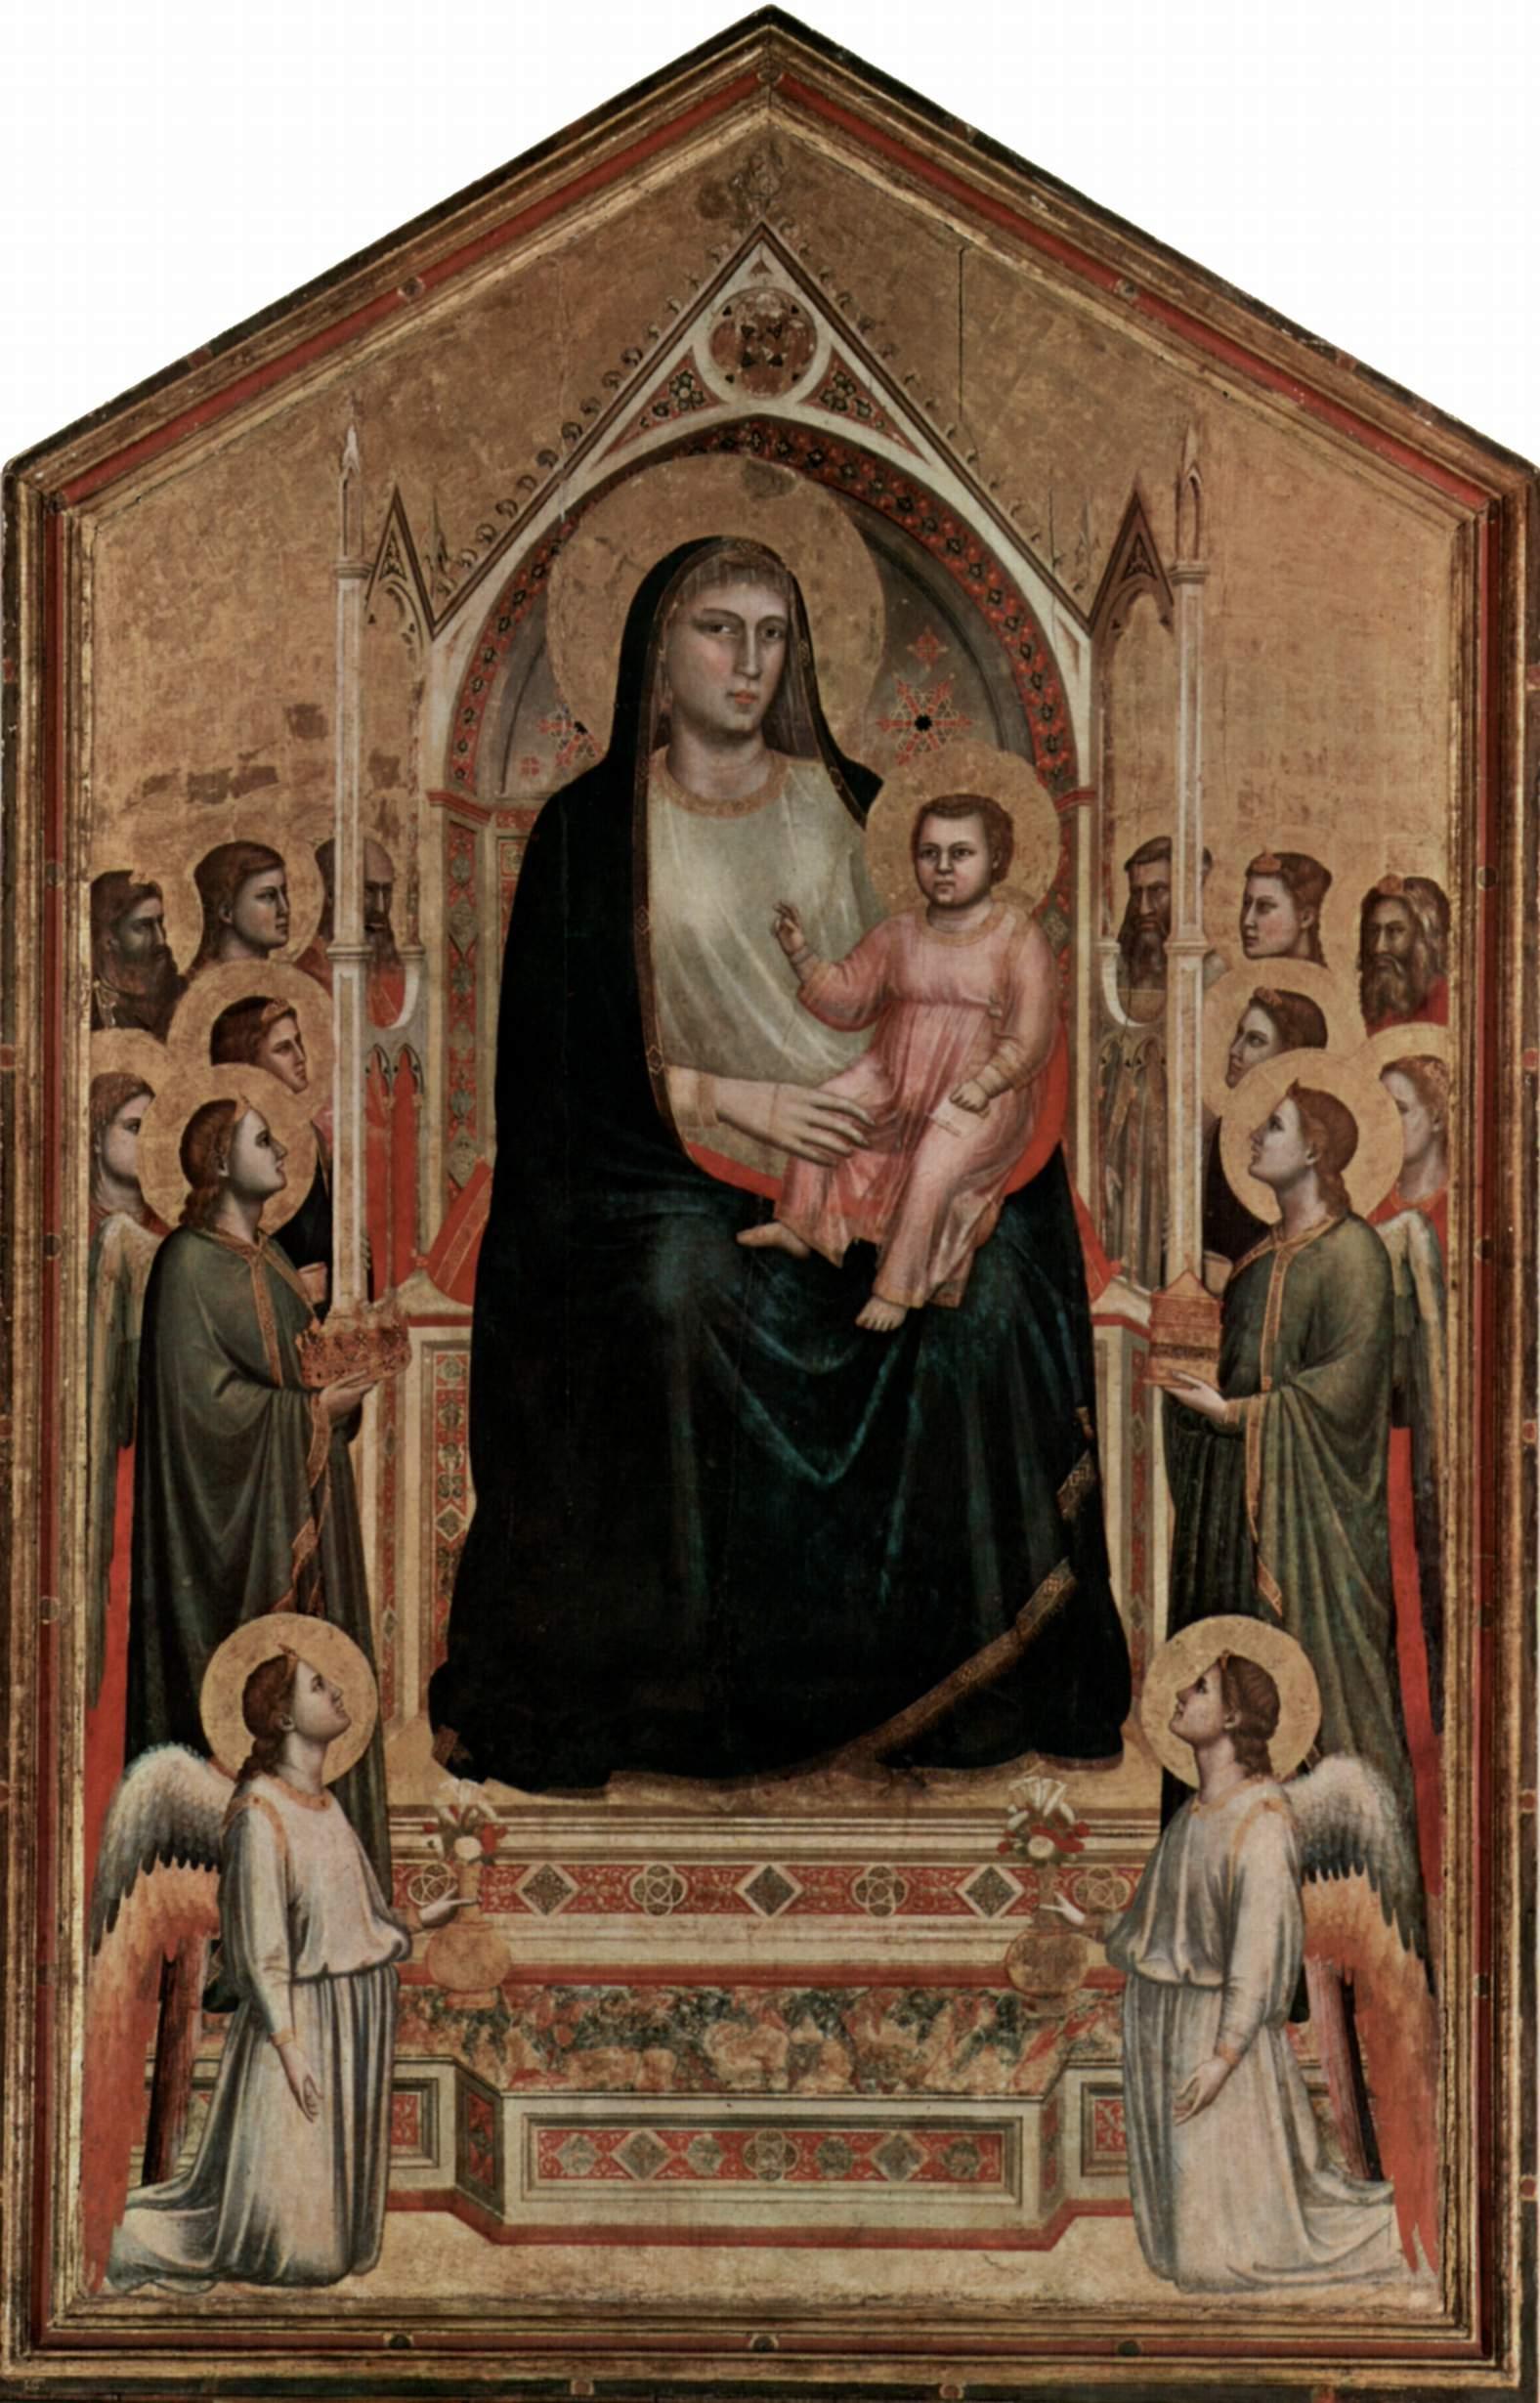 Богоматерь с младенцем на троне, Джотто ди Бондоне